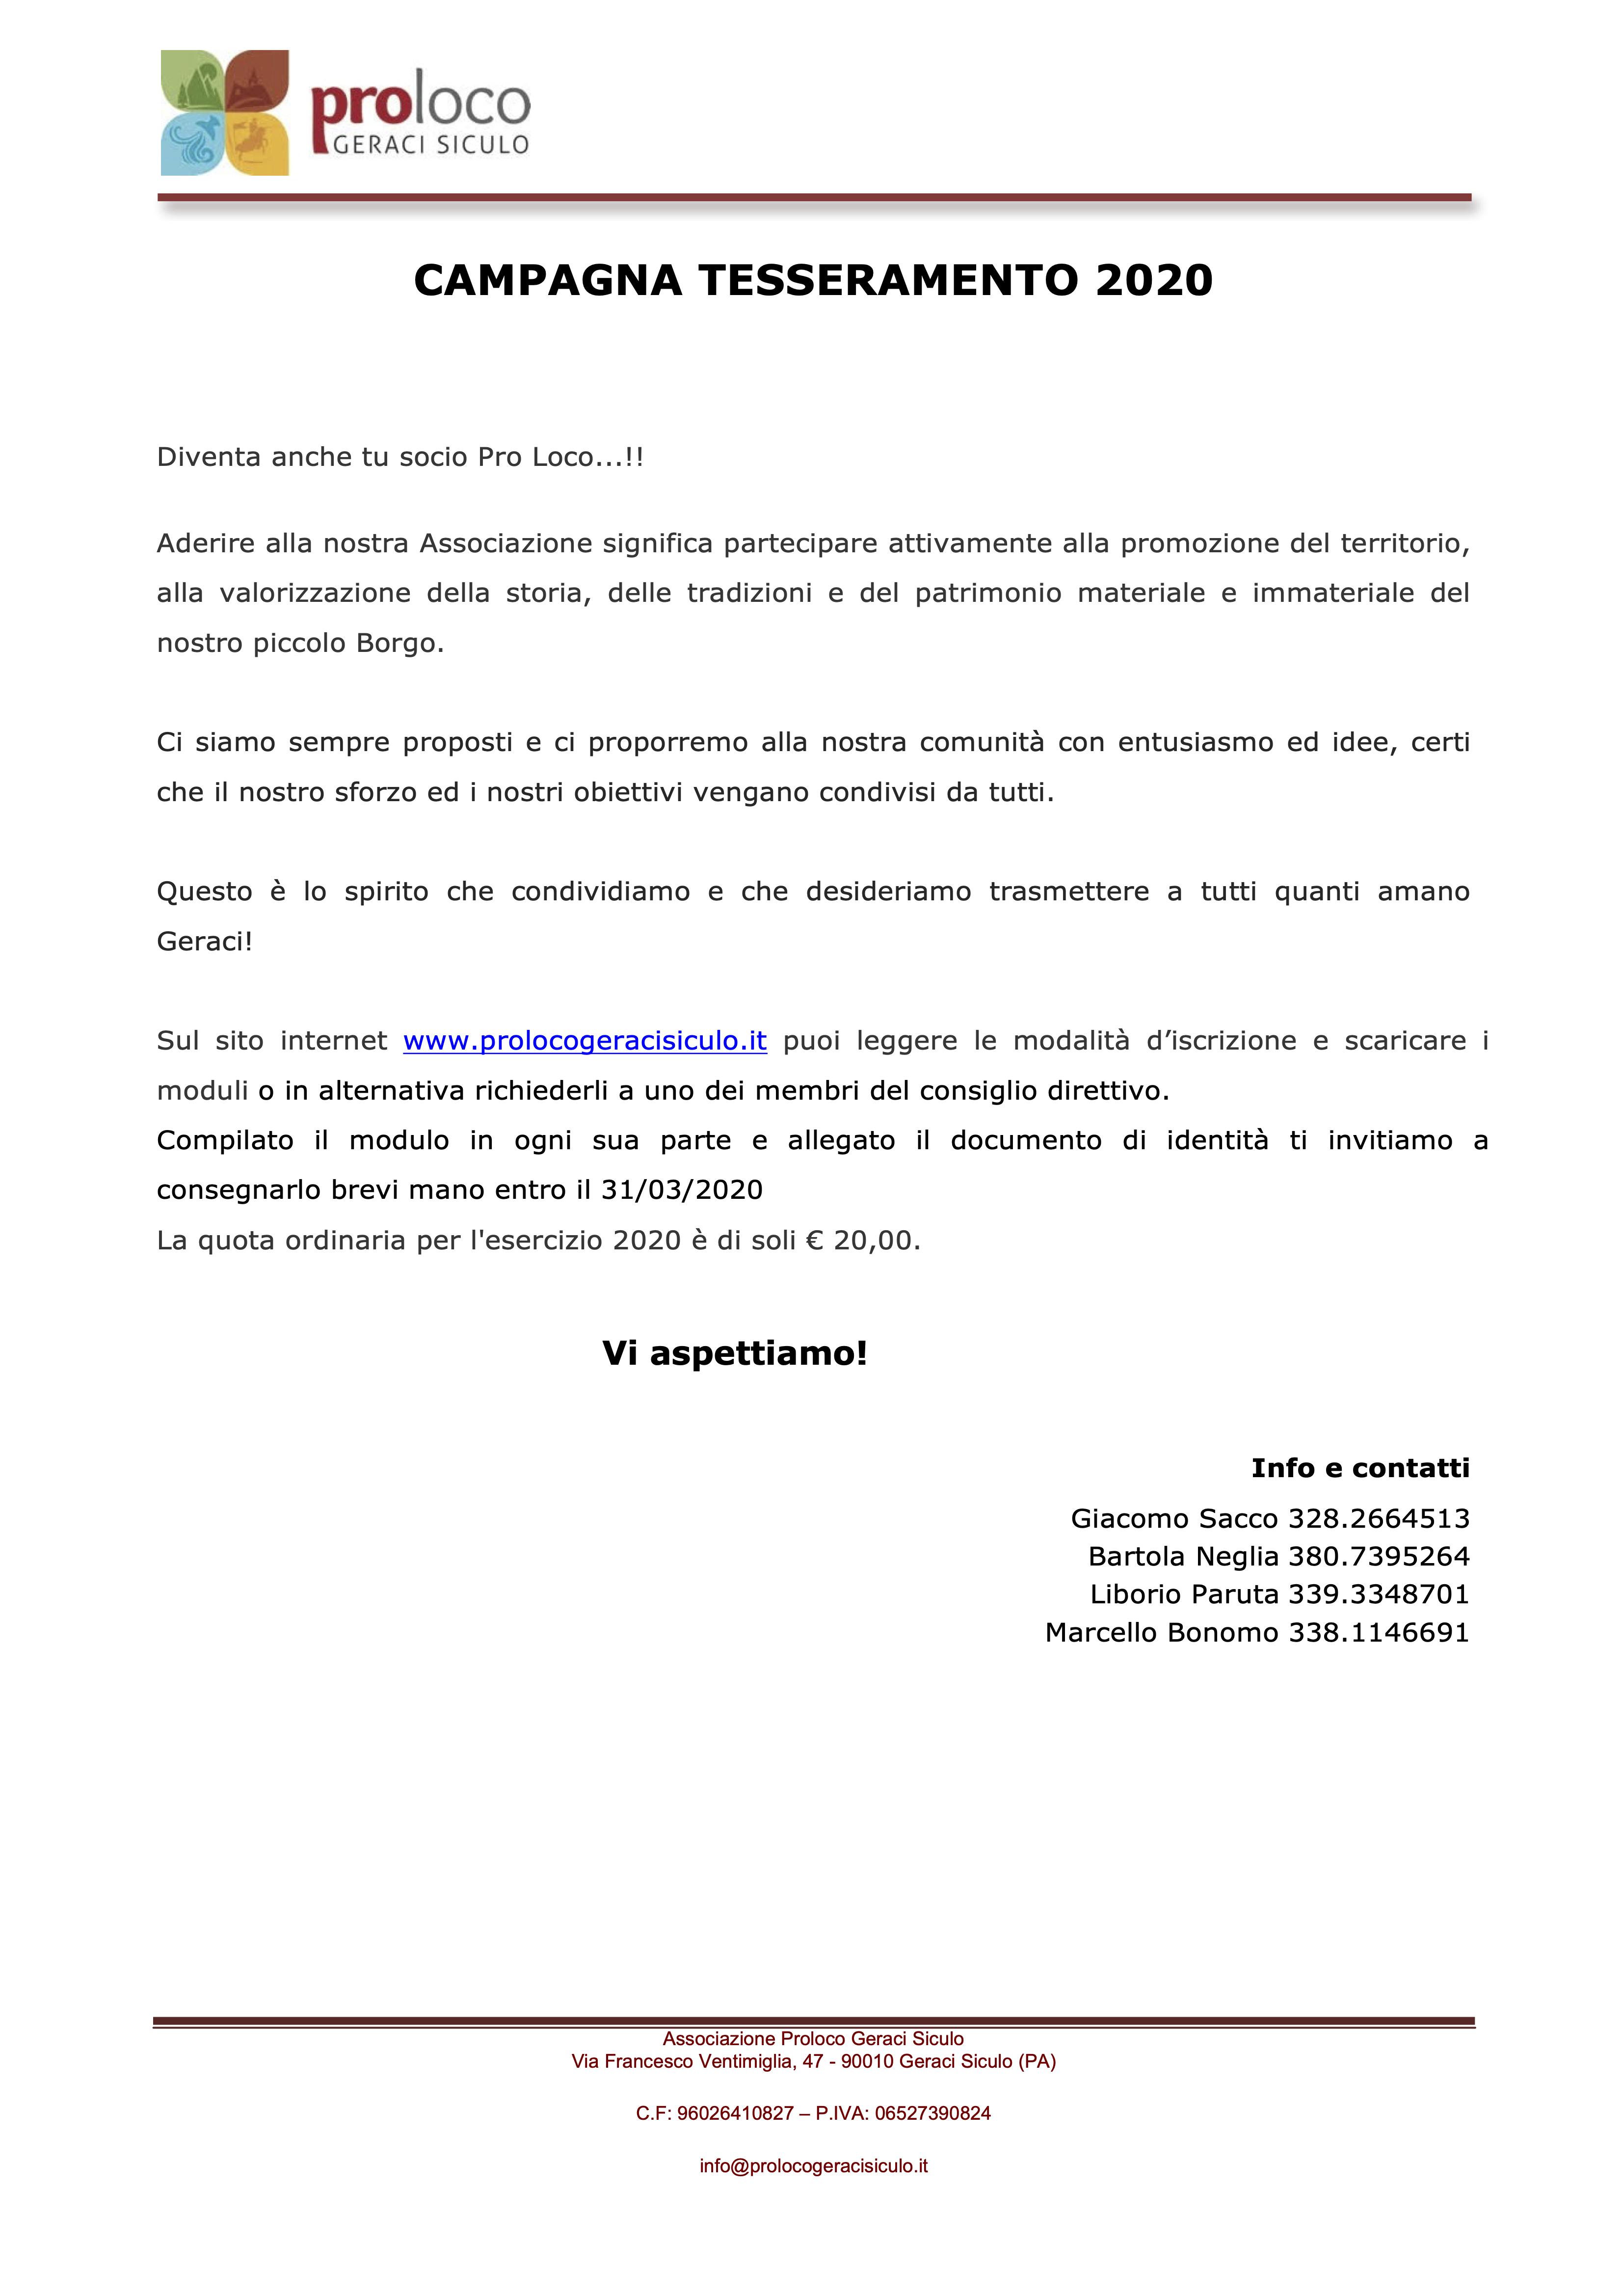 Pro_Loco_Geraci_Siculo_Tesseramento_2020